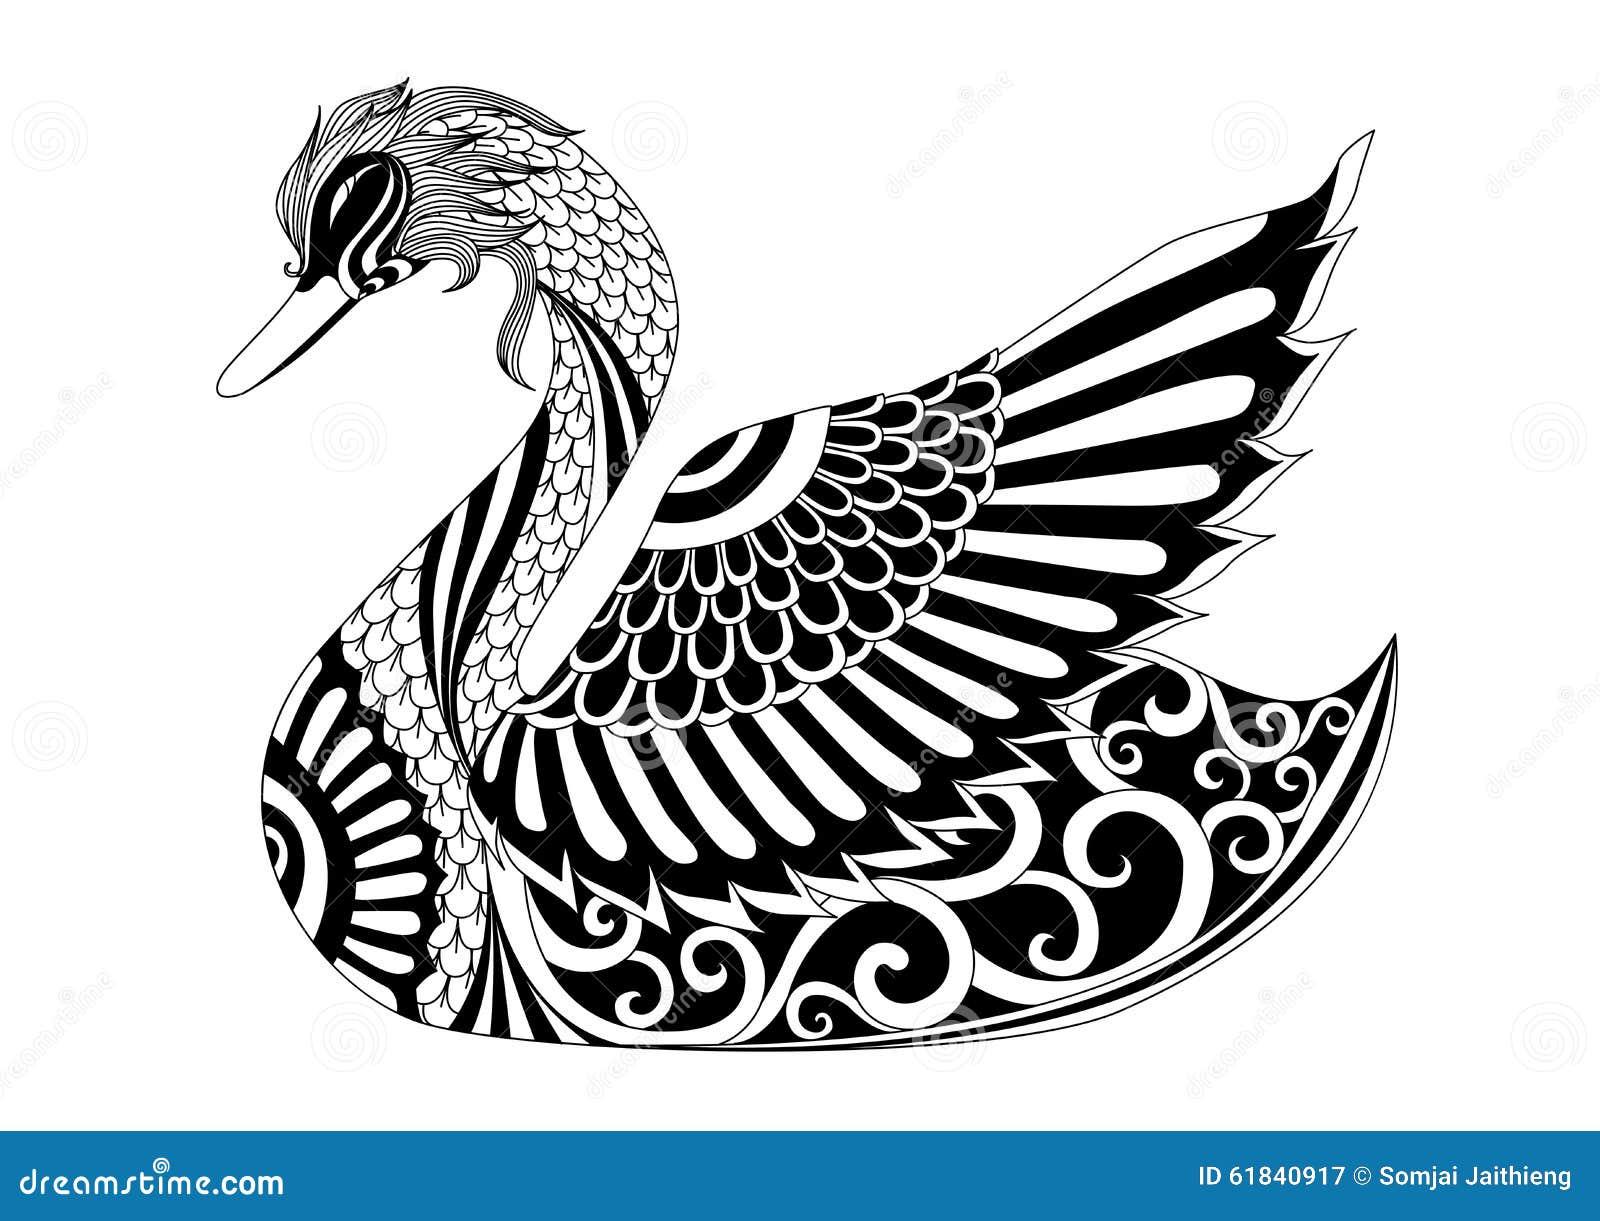 Cisne Del Zentangle Del Dibujo Para La Pagina El Efecto Del Diseno